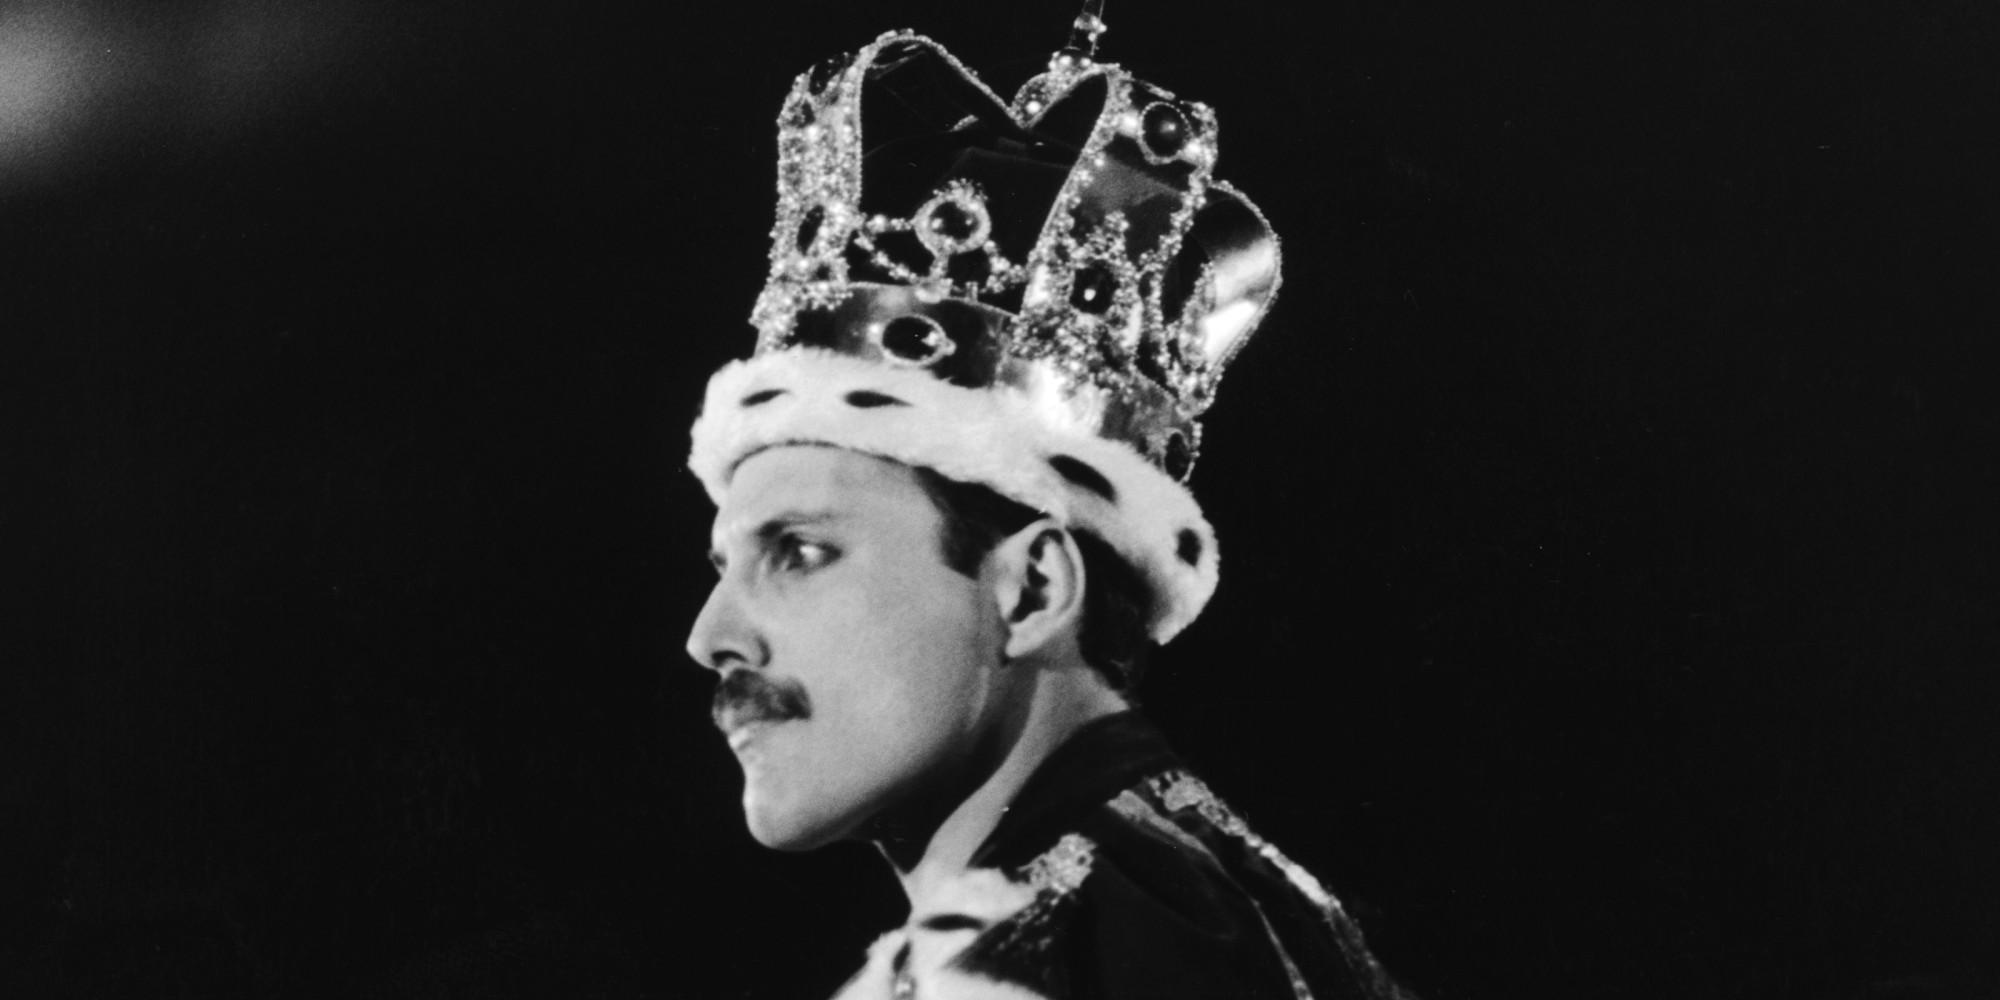 o-freddie-mercury-crown-facebook.jpg